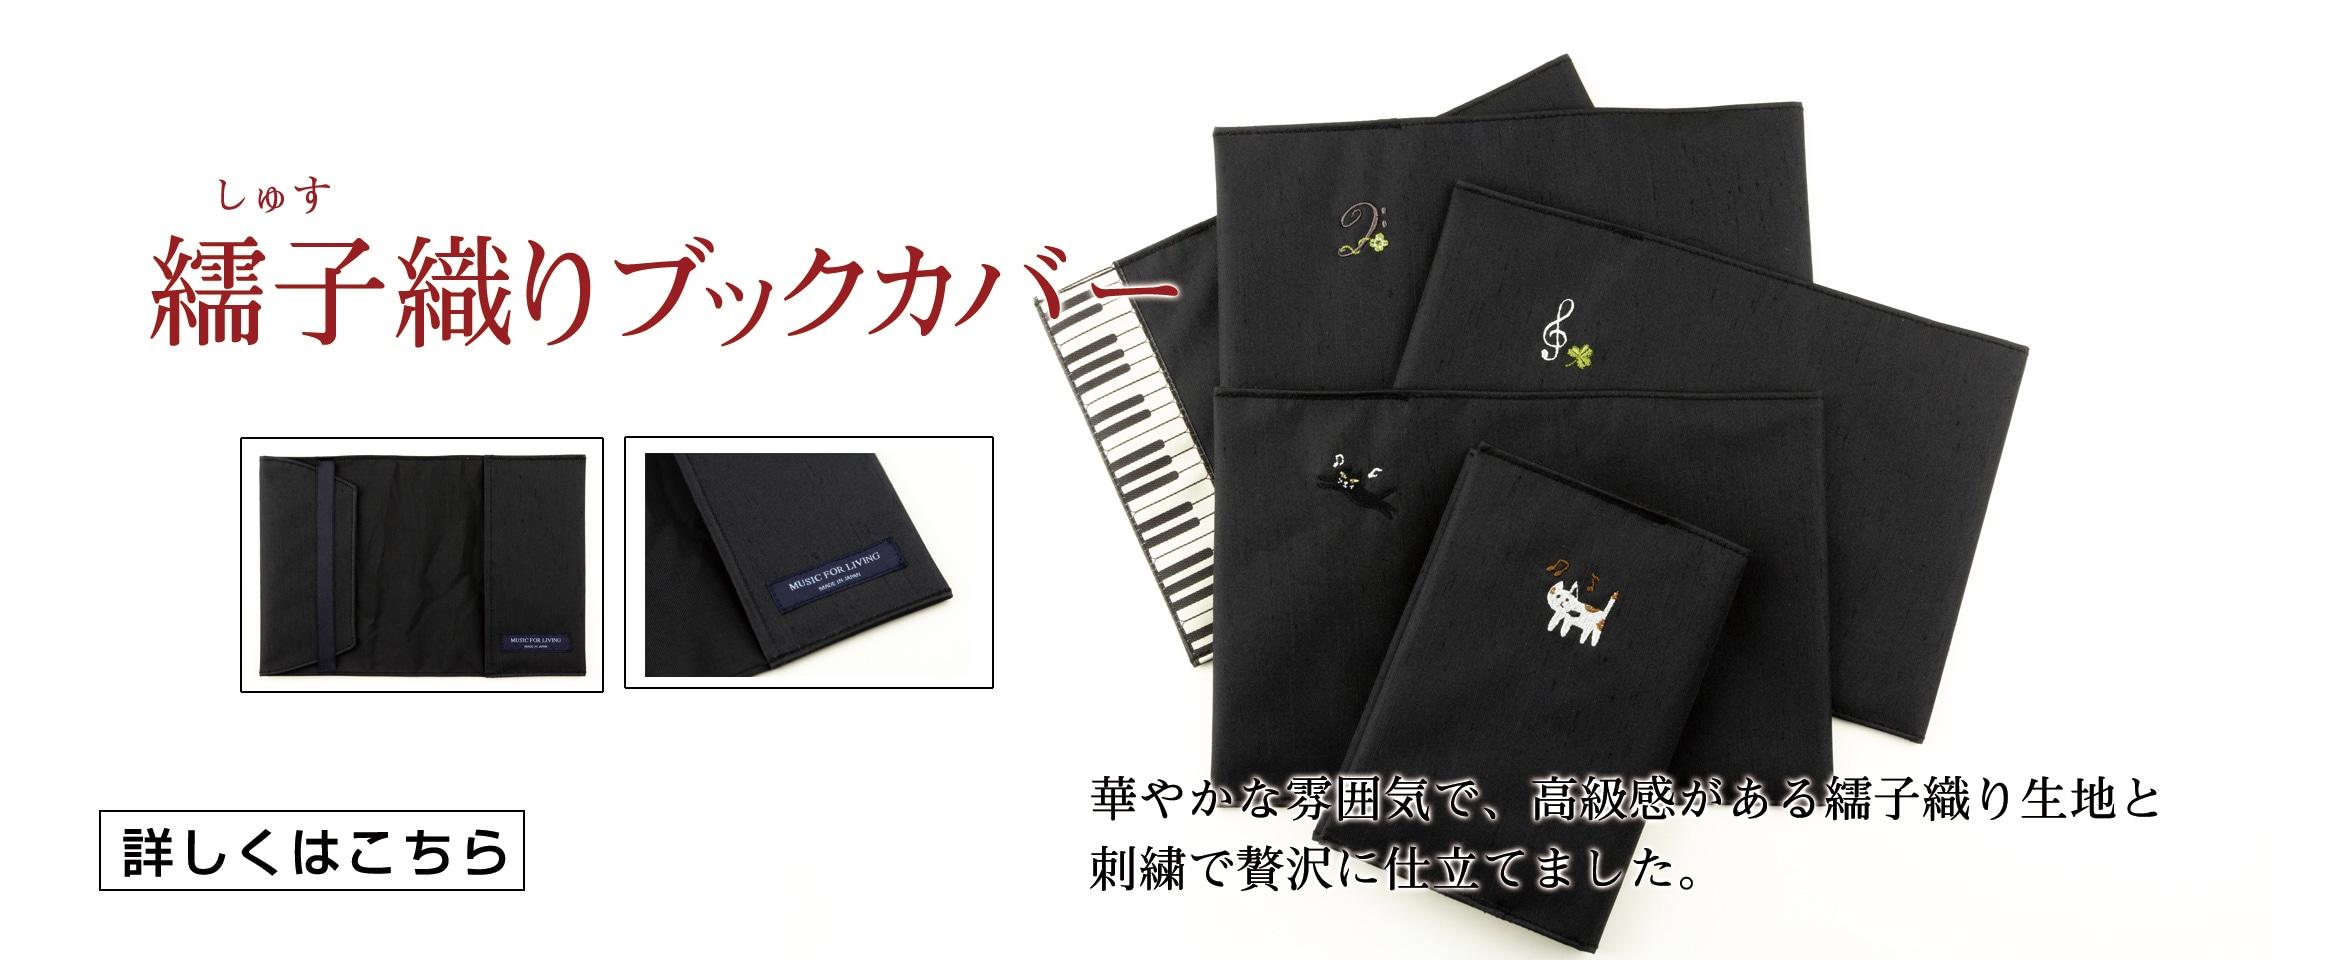 繻子(しゅす)織りブックカバー